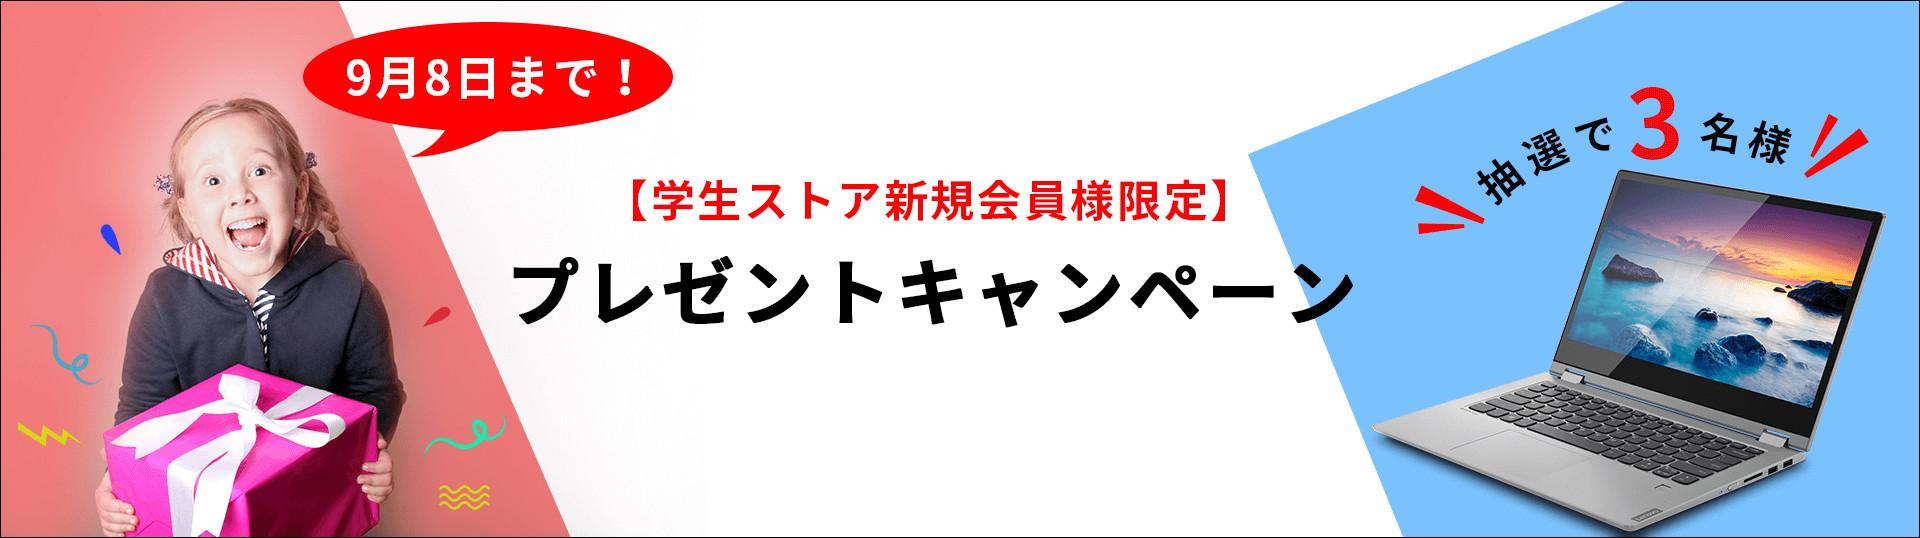 レノボ学生ストア キャンペーン